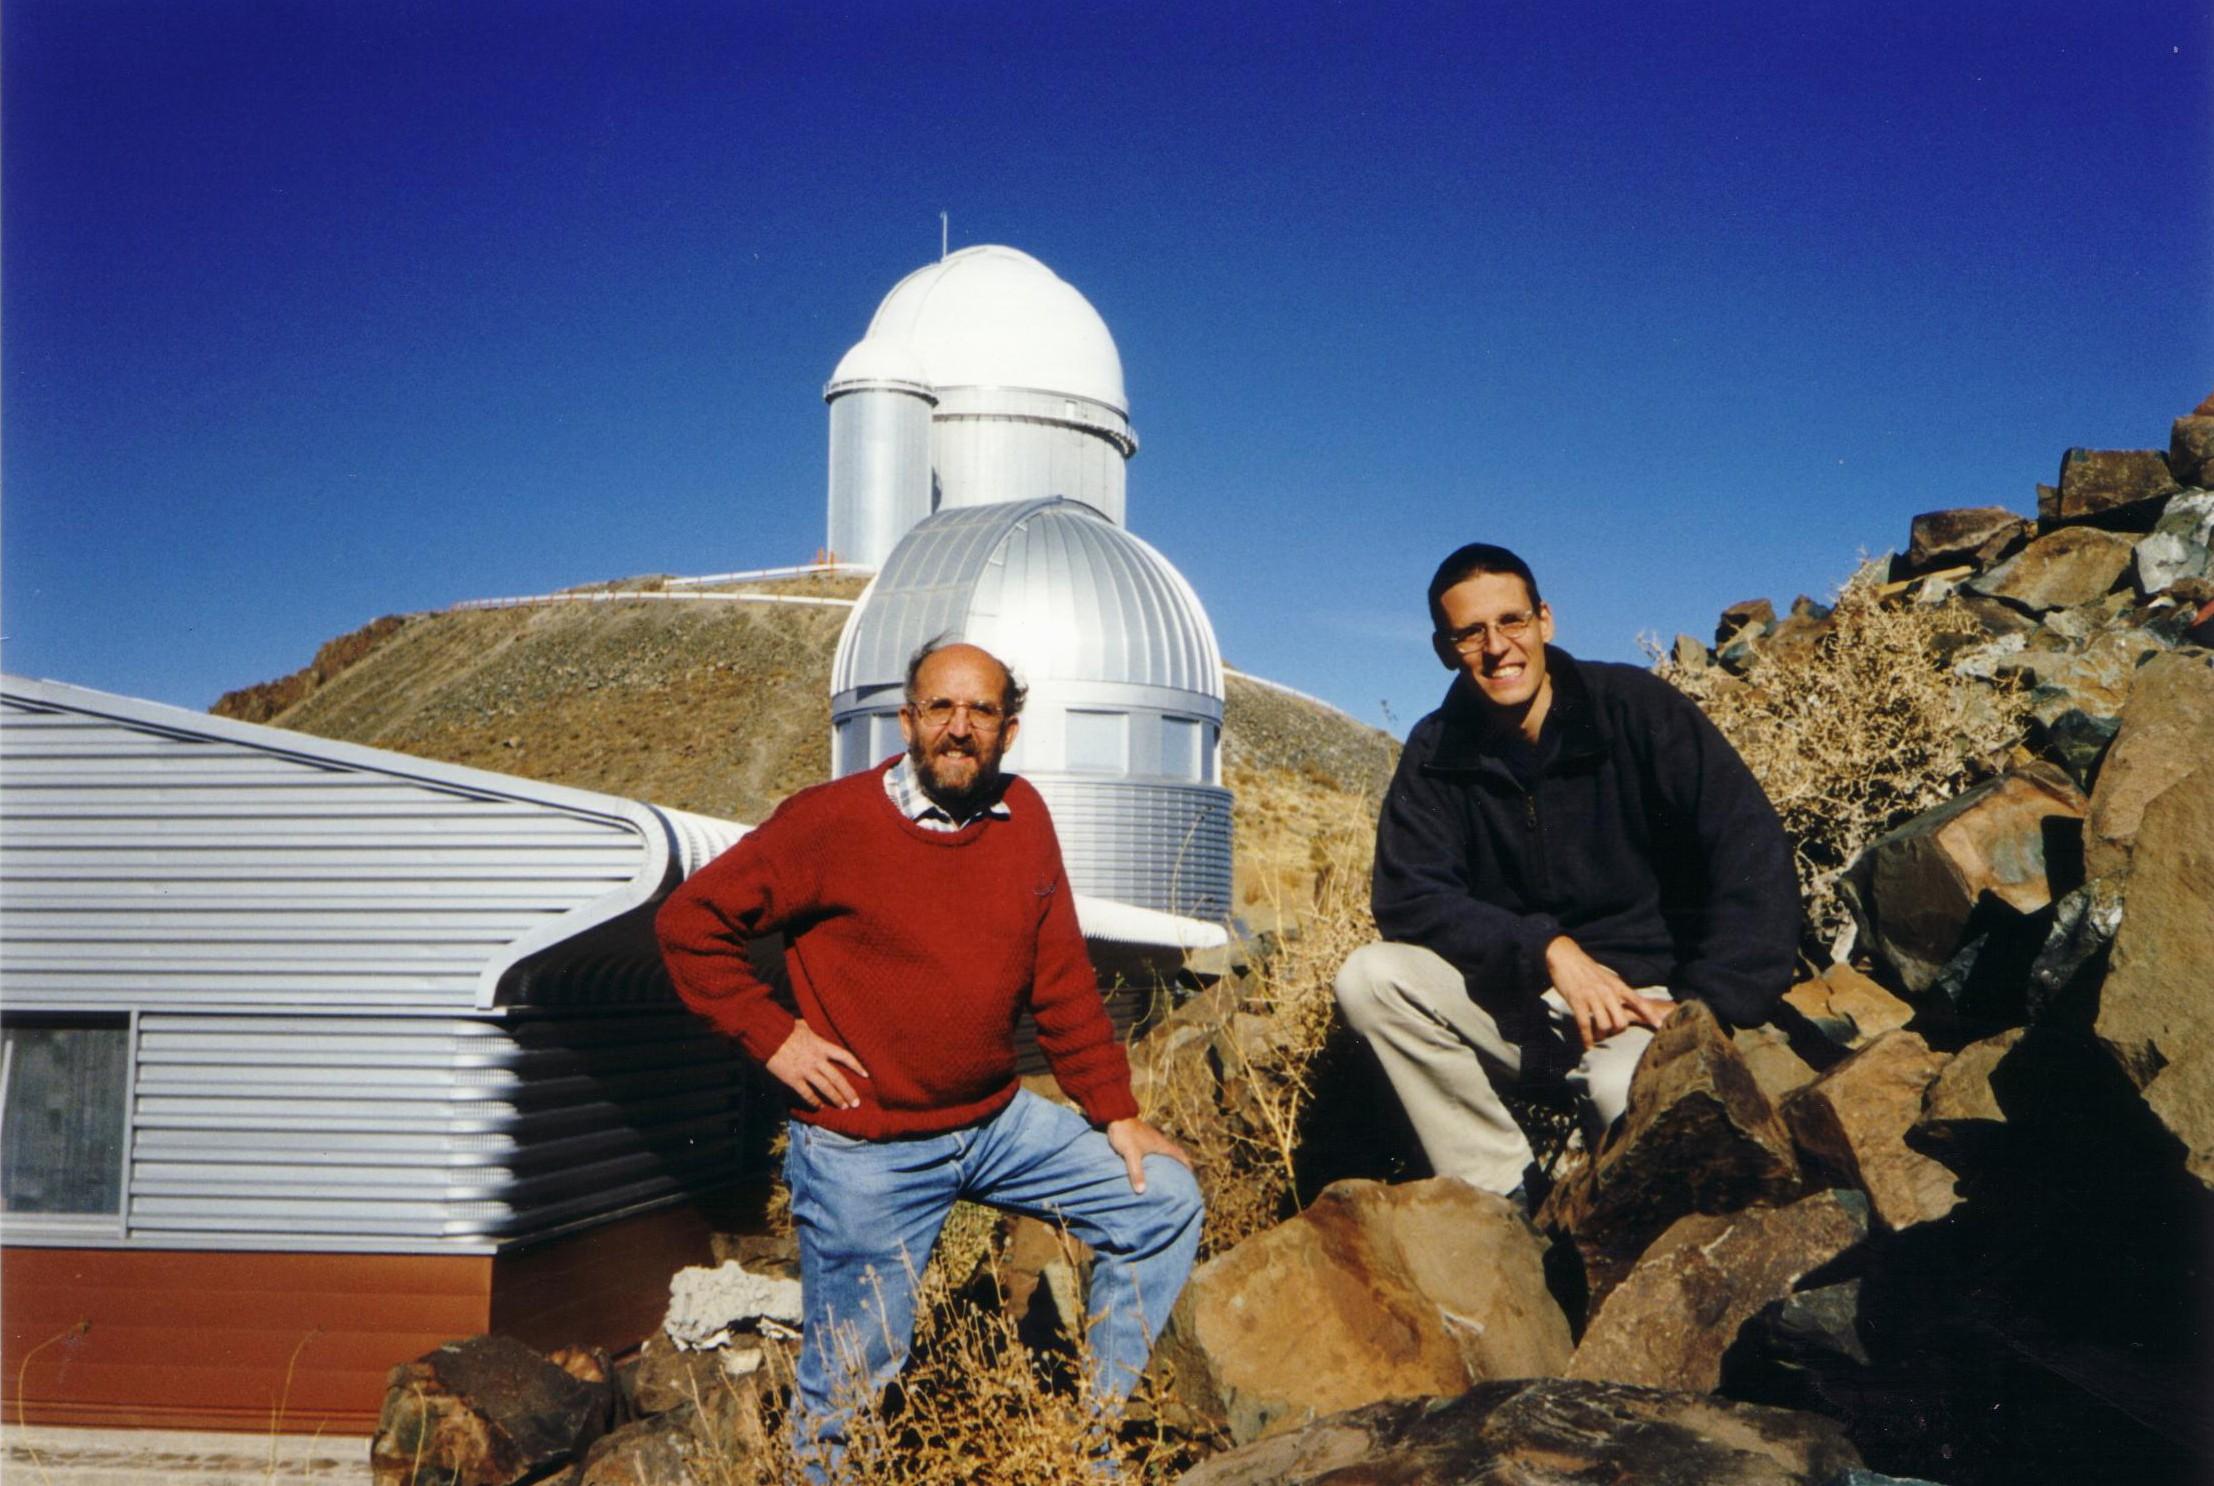 2019 노벨물리학상 수상자인 미셸 마요 스위스 제네바대 천문학과 교수(왼쪽)와 디디에 켈로즈 스위스 제네바대 천체물리학과 교수. 스위스 제네바대 제공